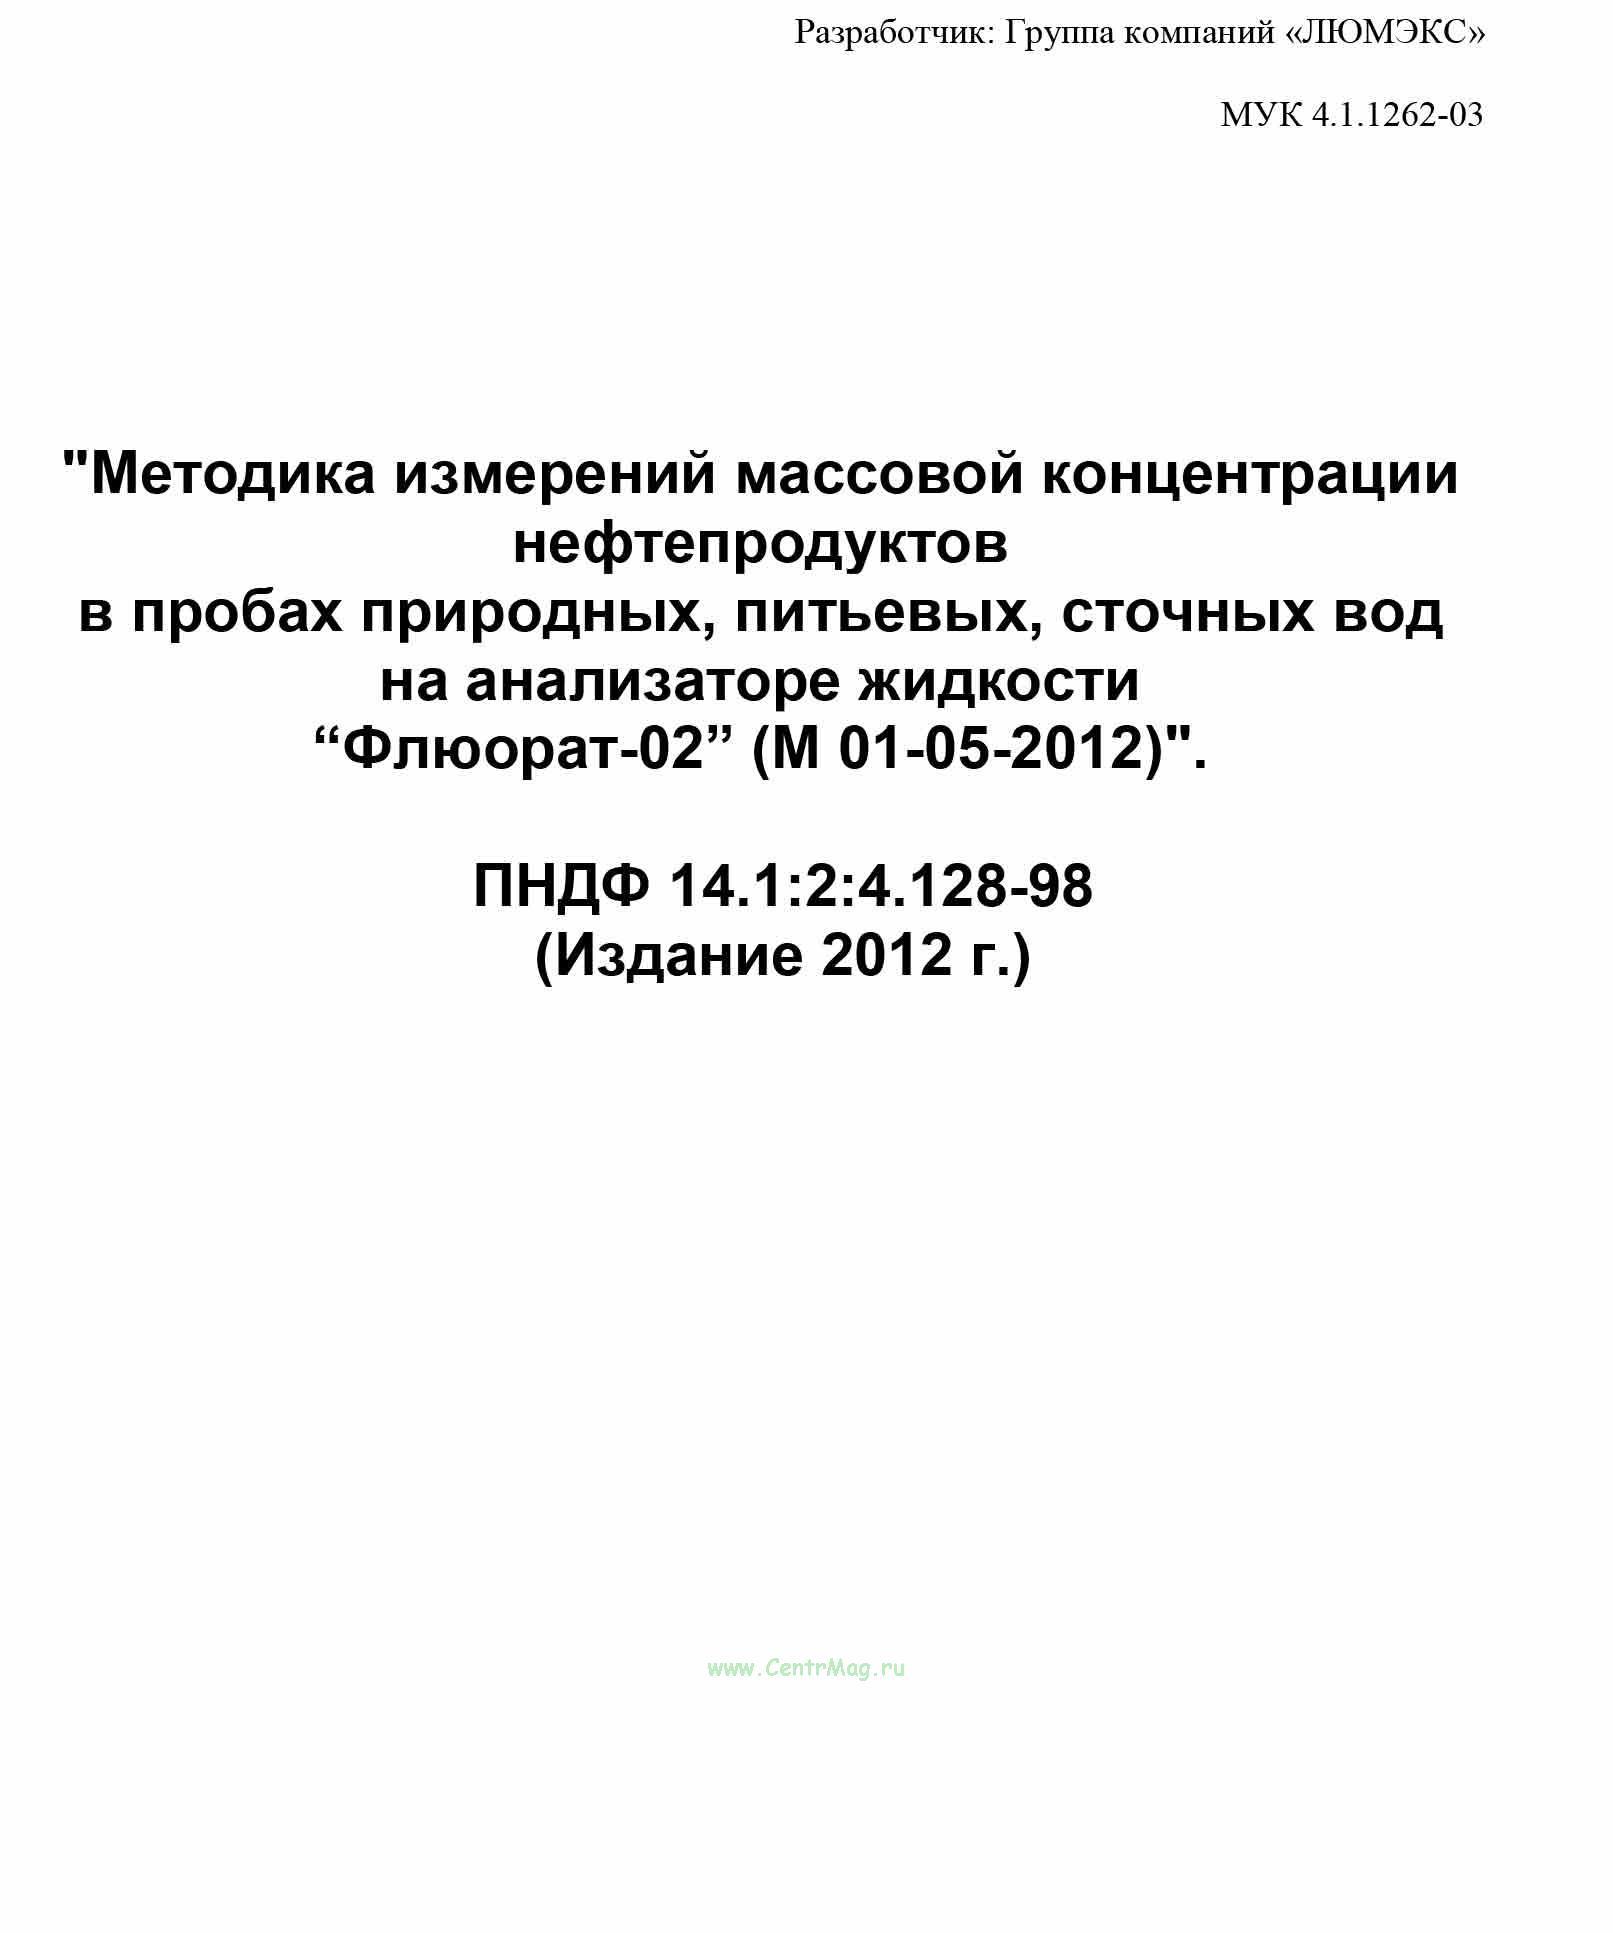 ПНДФ 14.1: 2:4.128-98 Методика измерений массовой концентрации нефтепродуктов в пробах природных, питьевых, сточных вод на анализаторе жидкости Флюорат-02 (М 01-05-2012) 2019 год. Последняя редакция